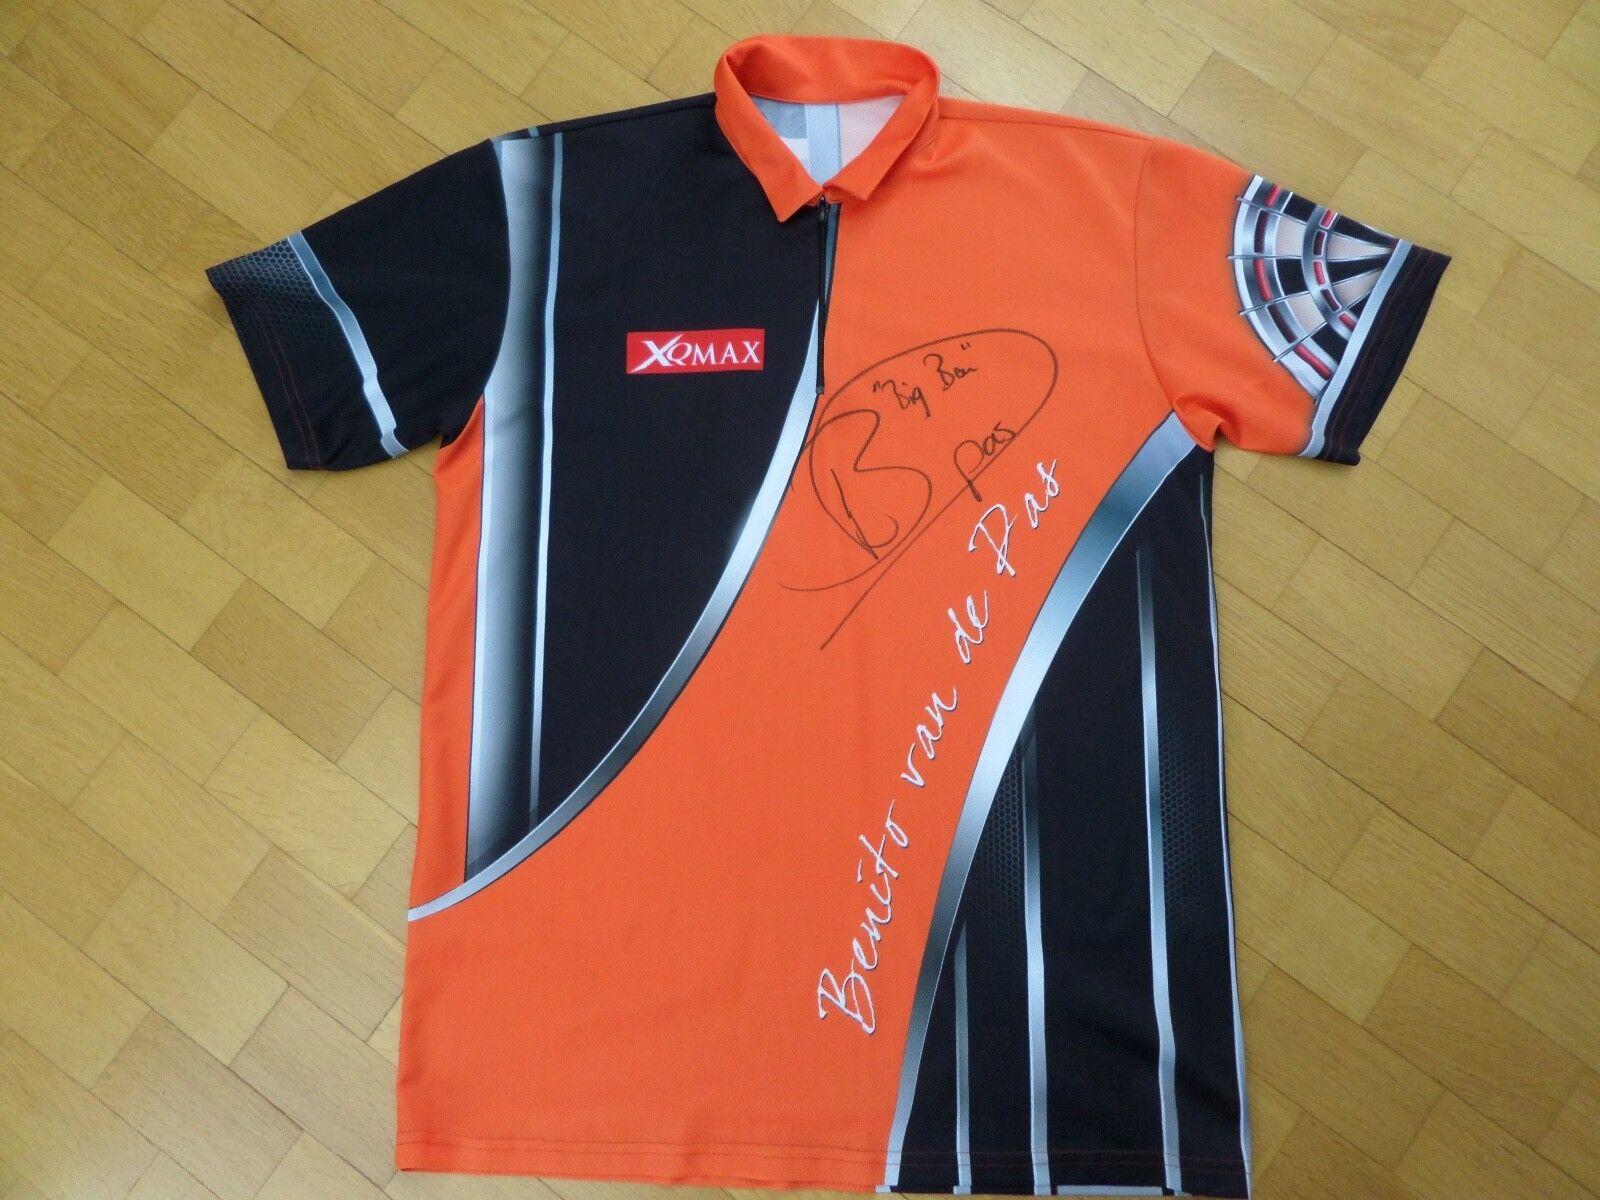 PDC Dart Benito van de Pas signiertes matchworn Trikot Shirt ca XL XQ Max Darts